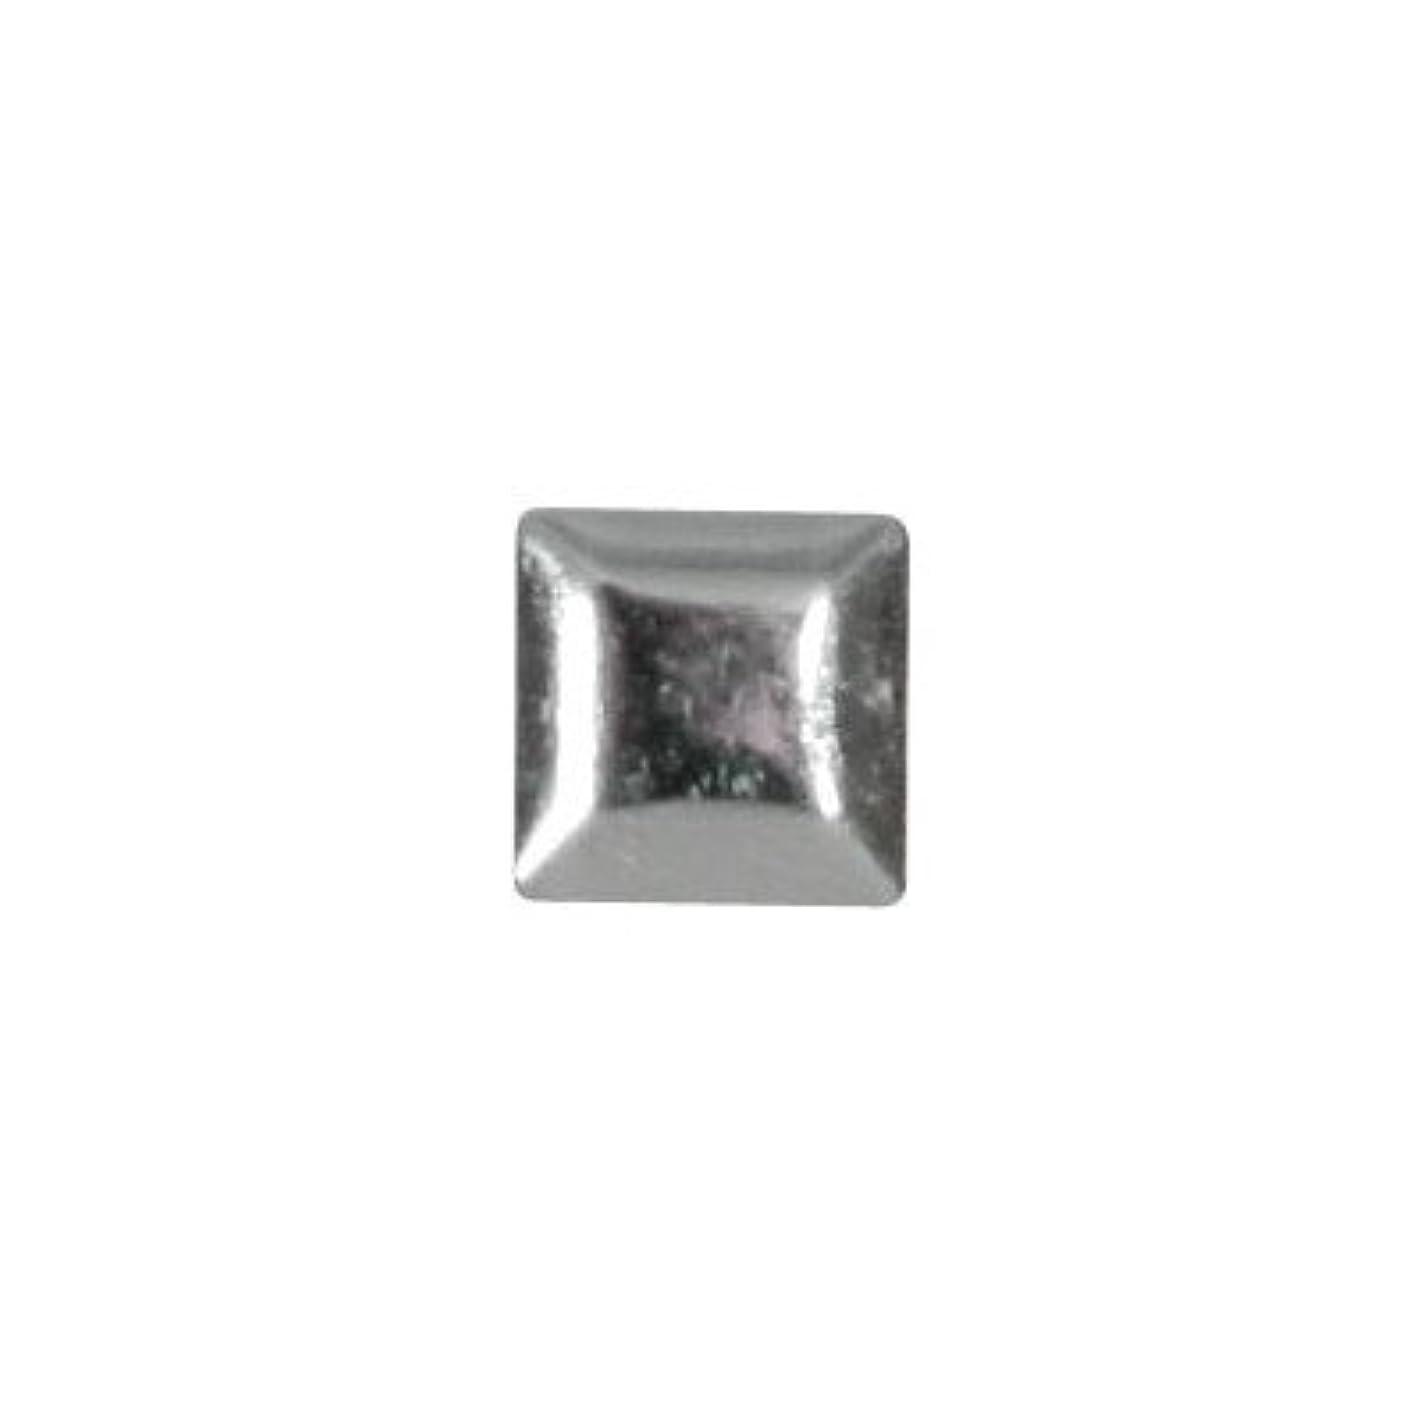 イディオム肌寒いオークピアドラ スタッズ メタルスクエア 3mm 50P シルバー